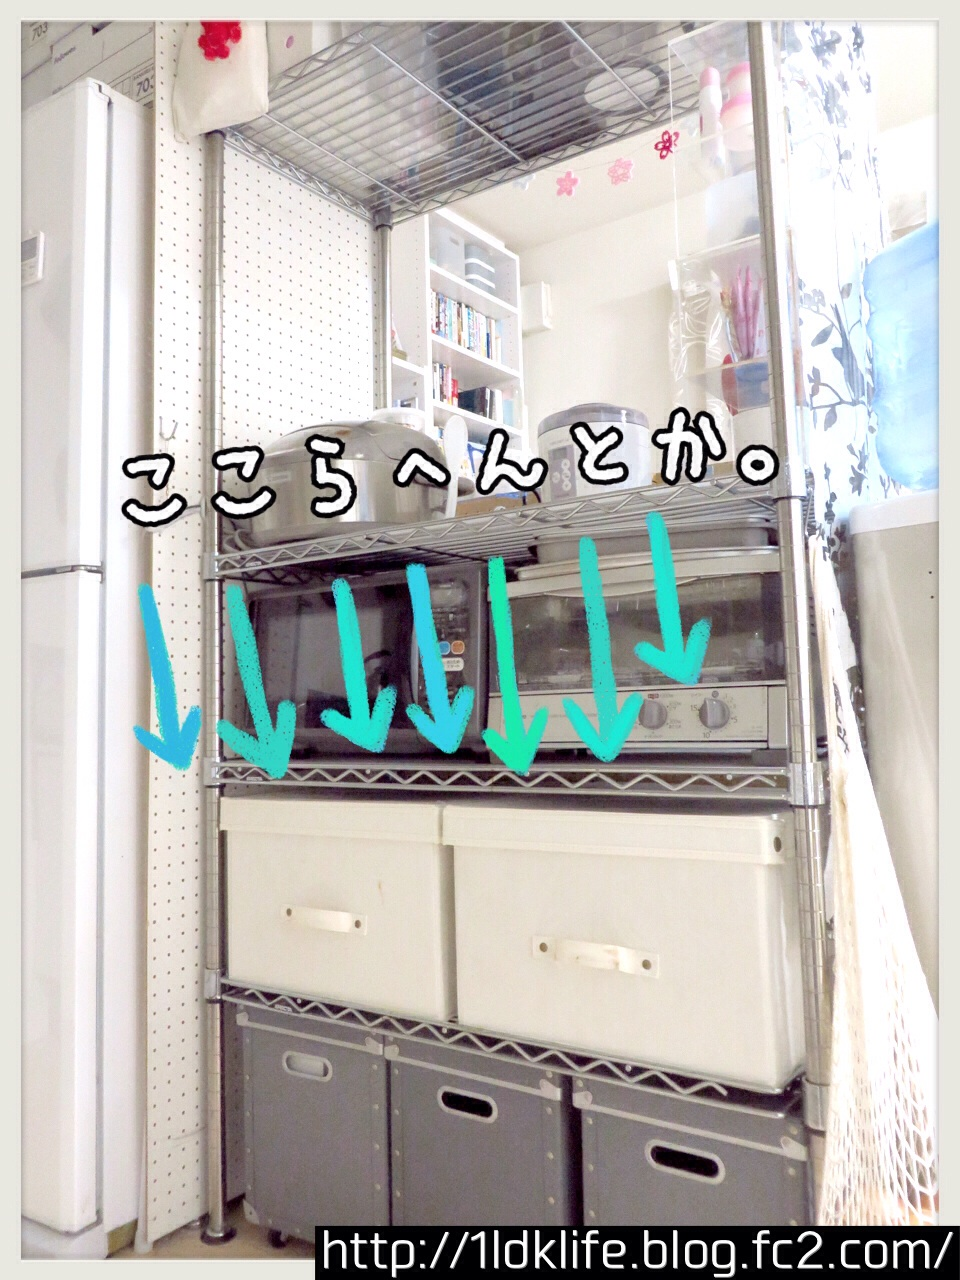 我が家の食器収納スペース、その1。